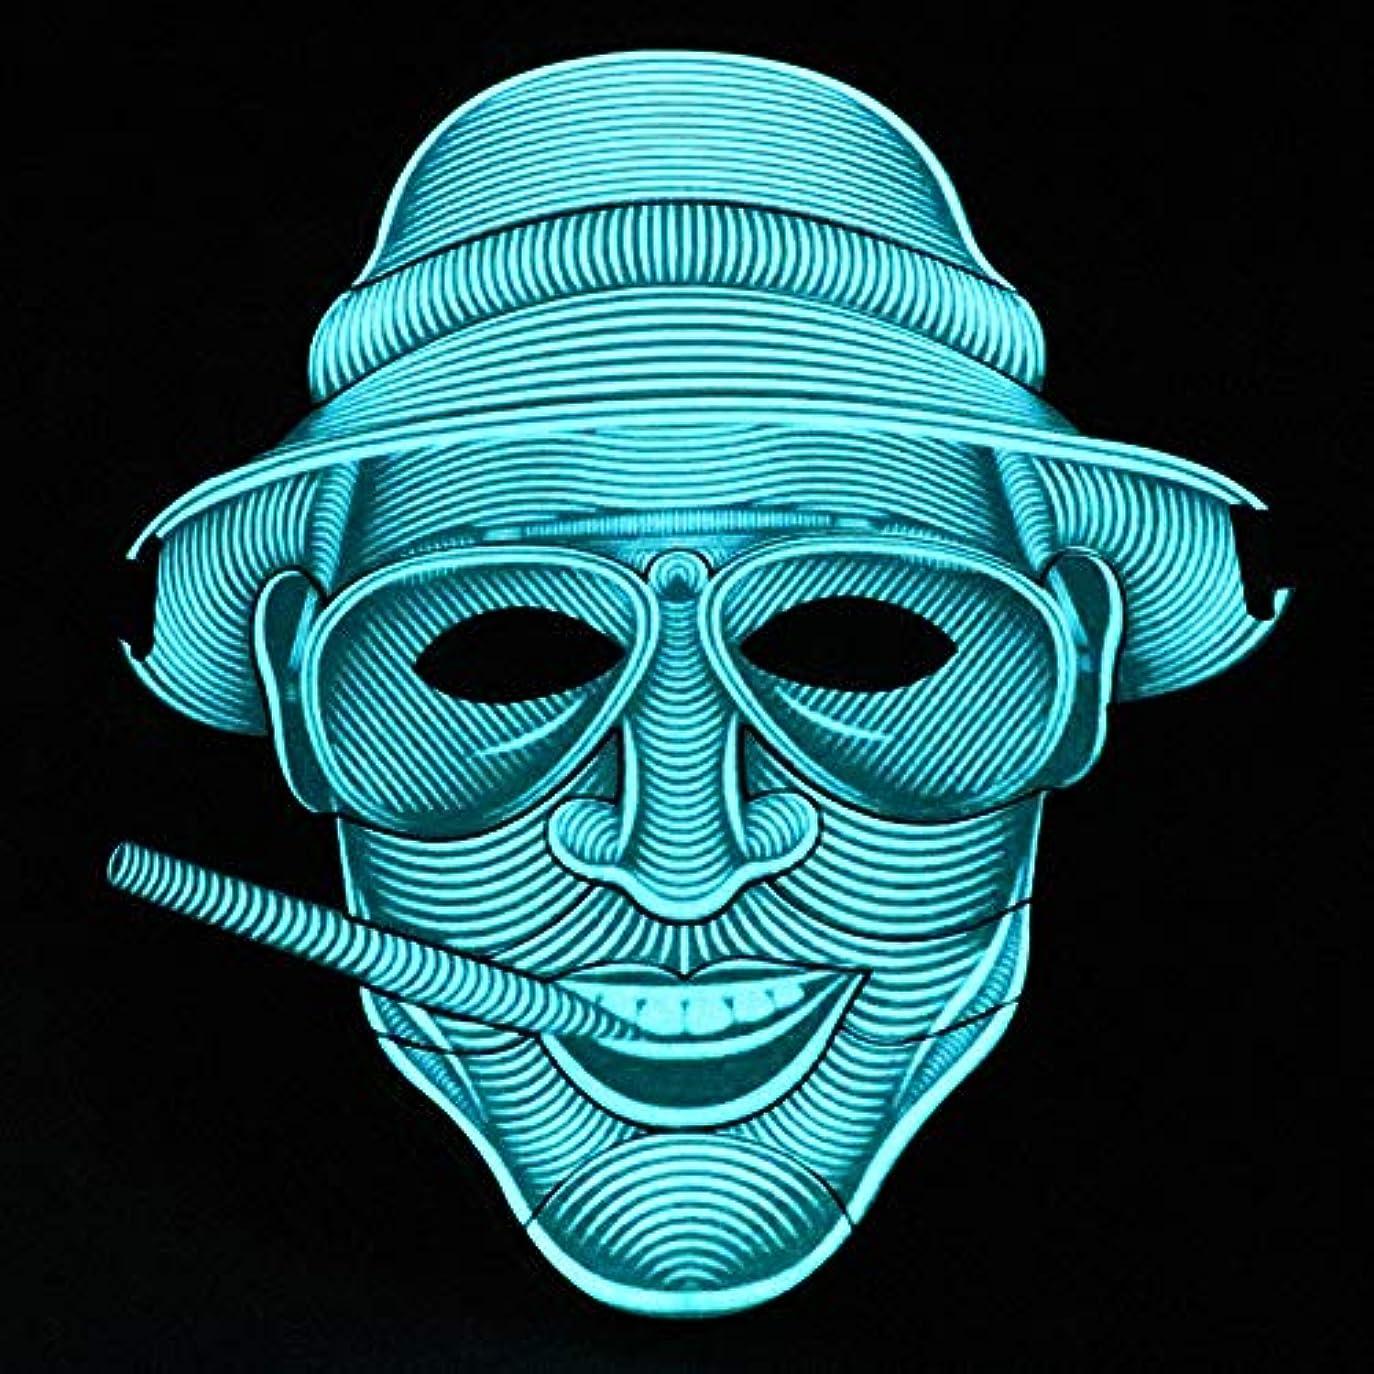 バタフライ効能ある存在する照らされたマスクLED創造的な冷光音響制御マスクハロウィンバーフェスティバルダンスマスク (Color : #4)